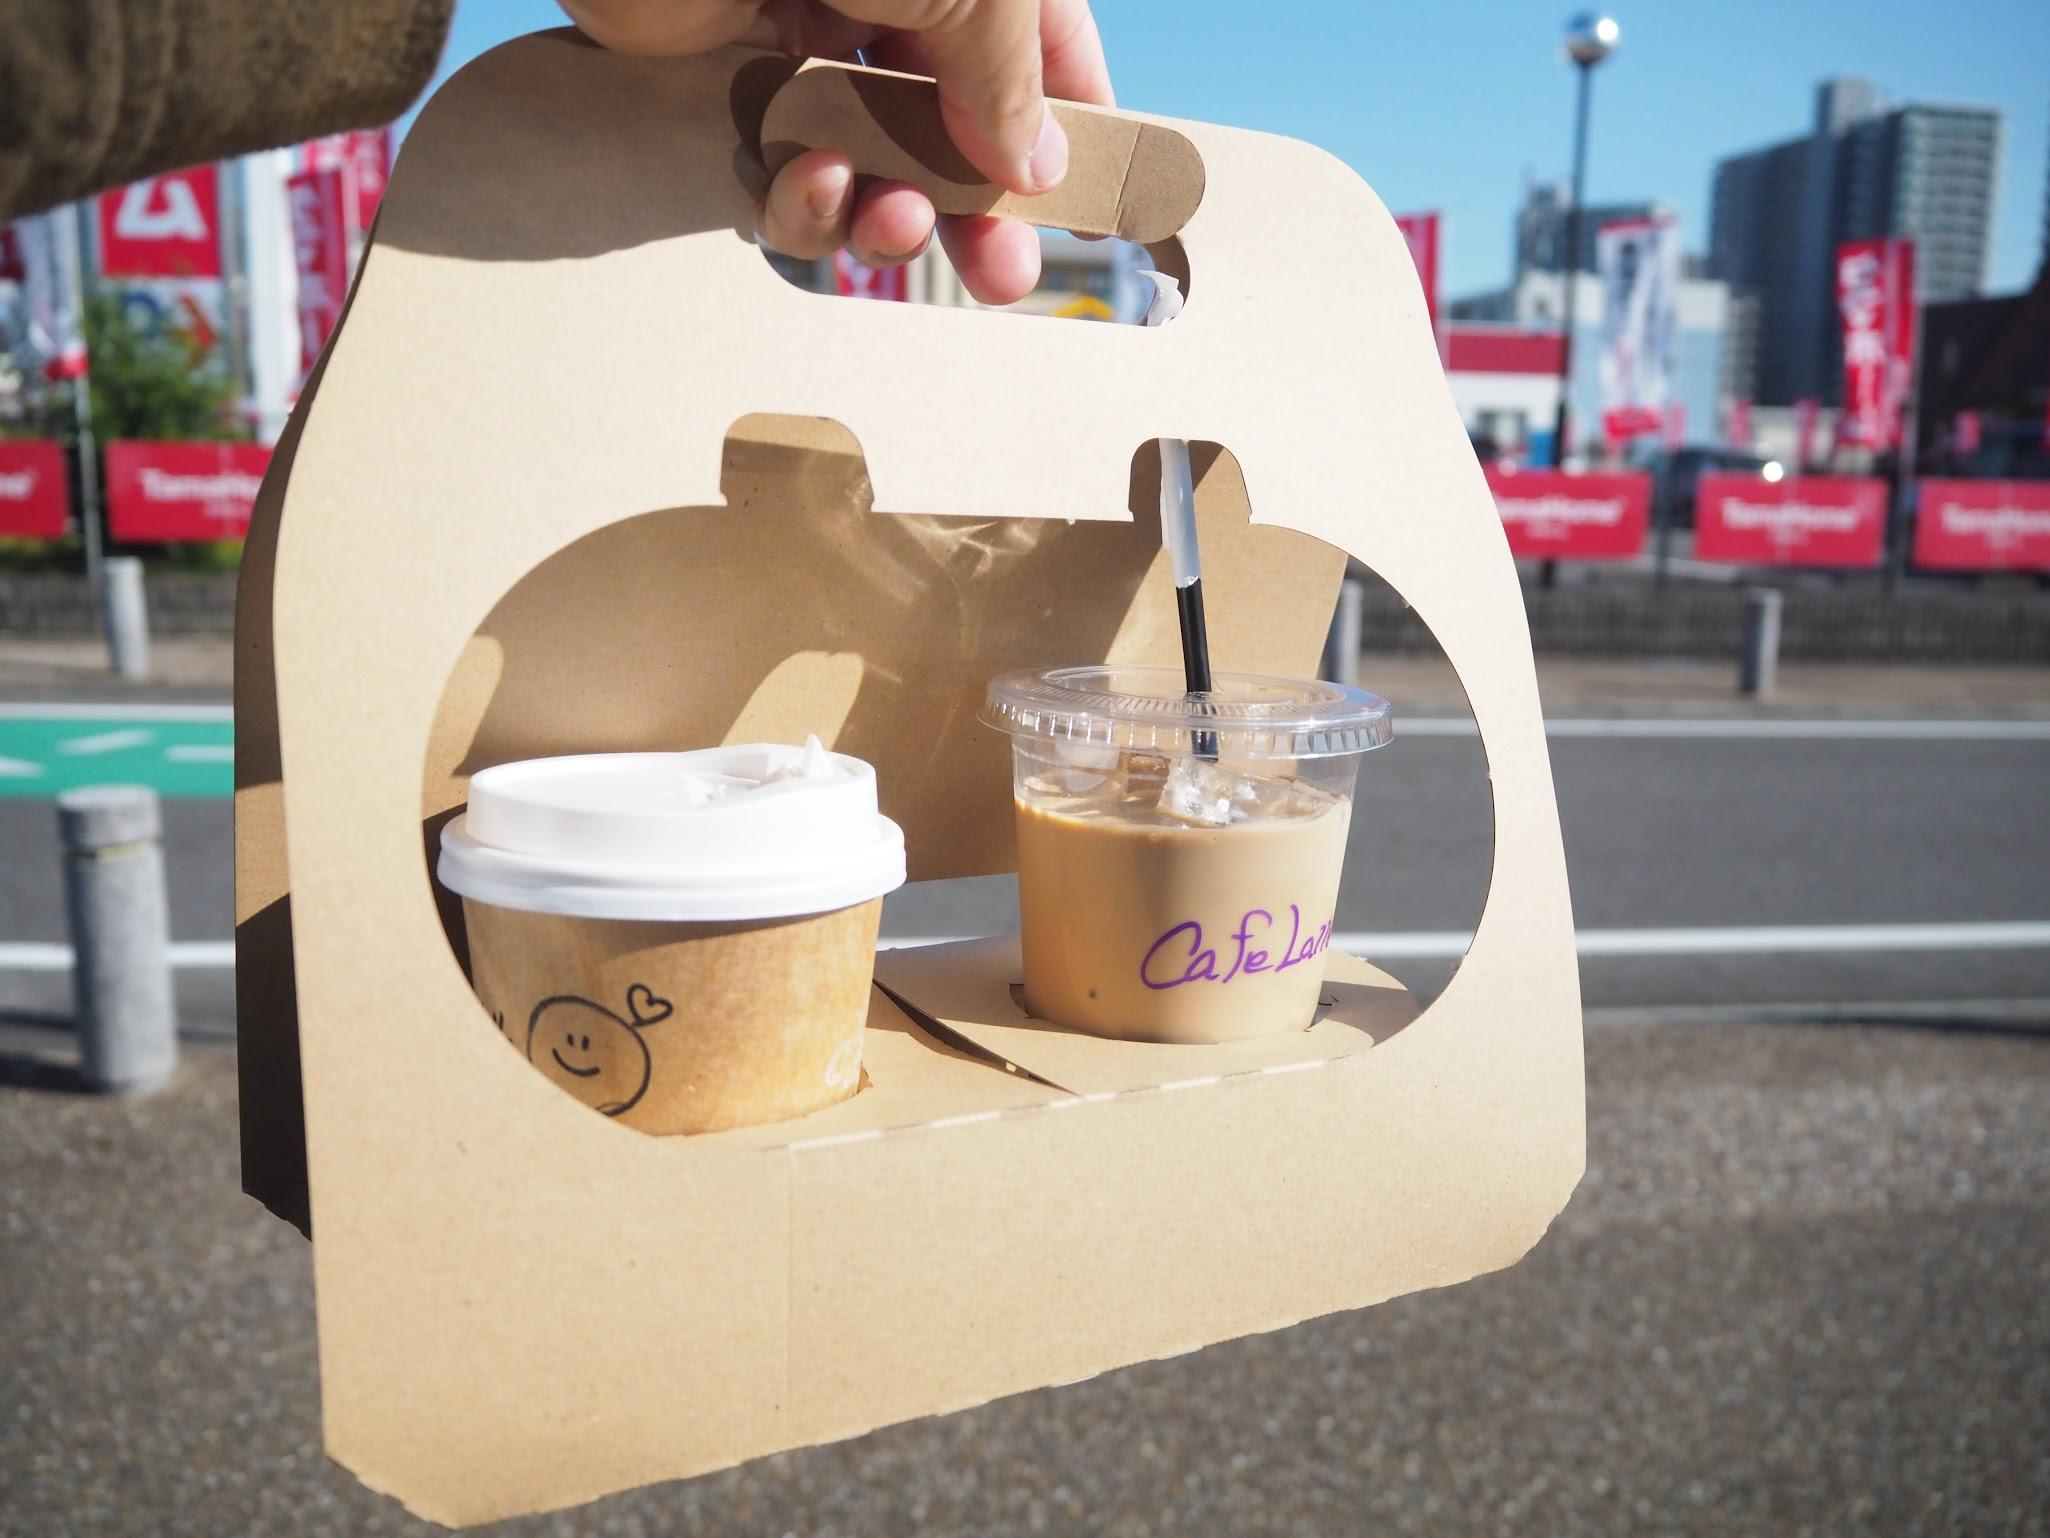 コーヒーライクスでコーヒーをテイクアウト